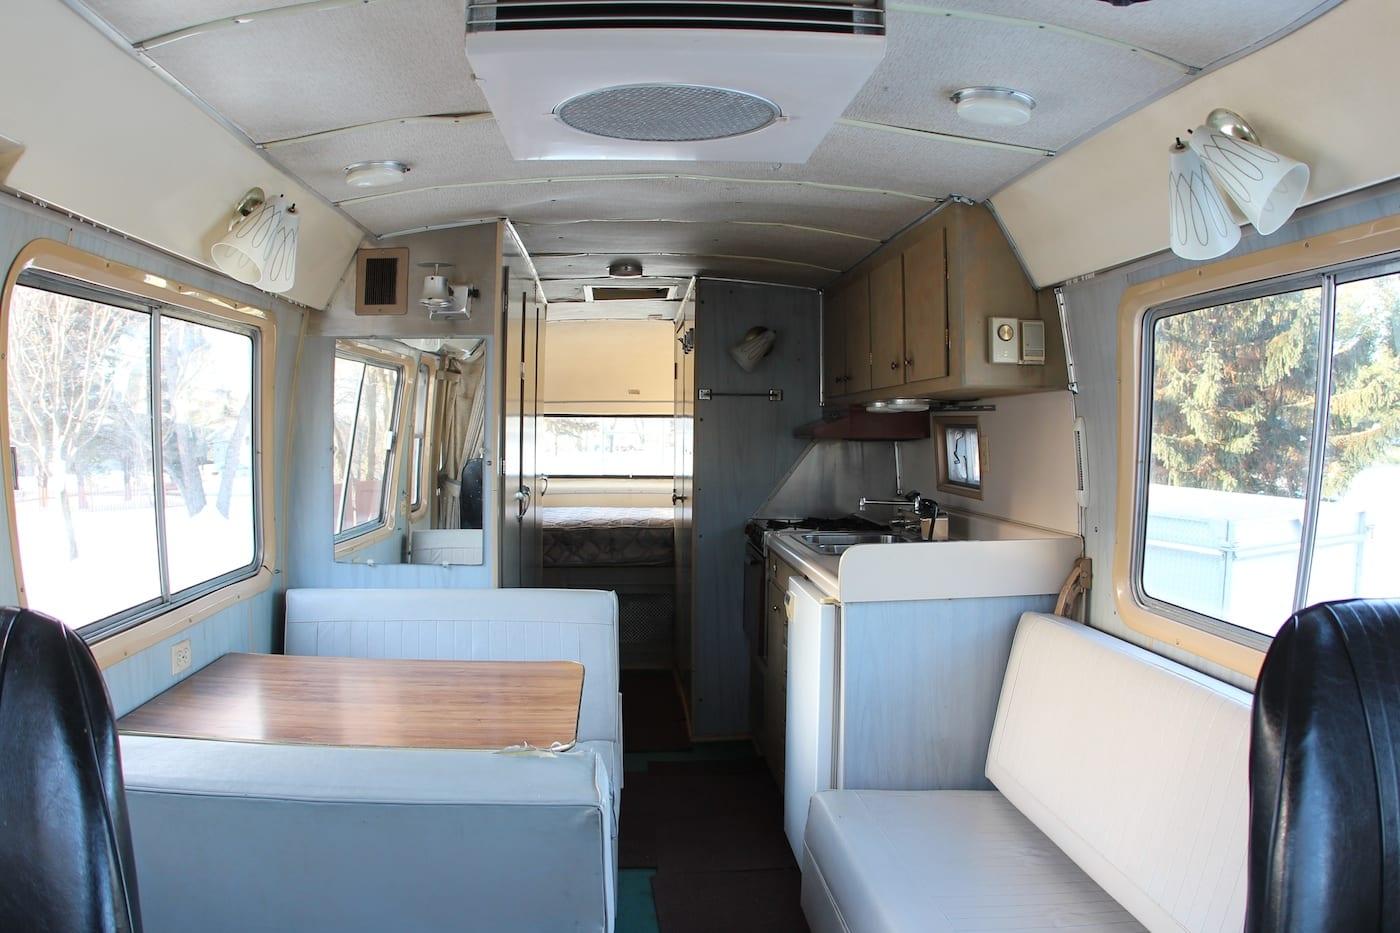 1966 Dodge Travco Interior Before Bumfuzzle